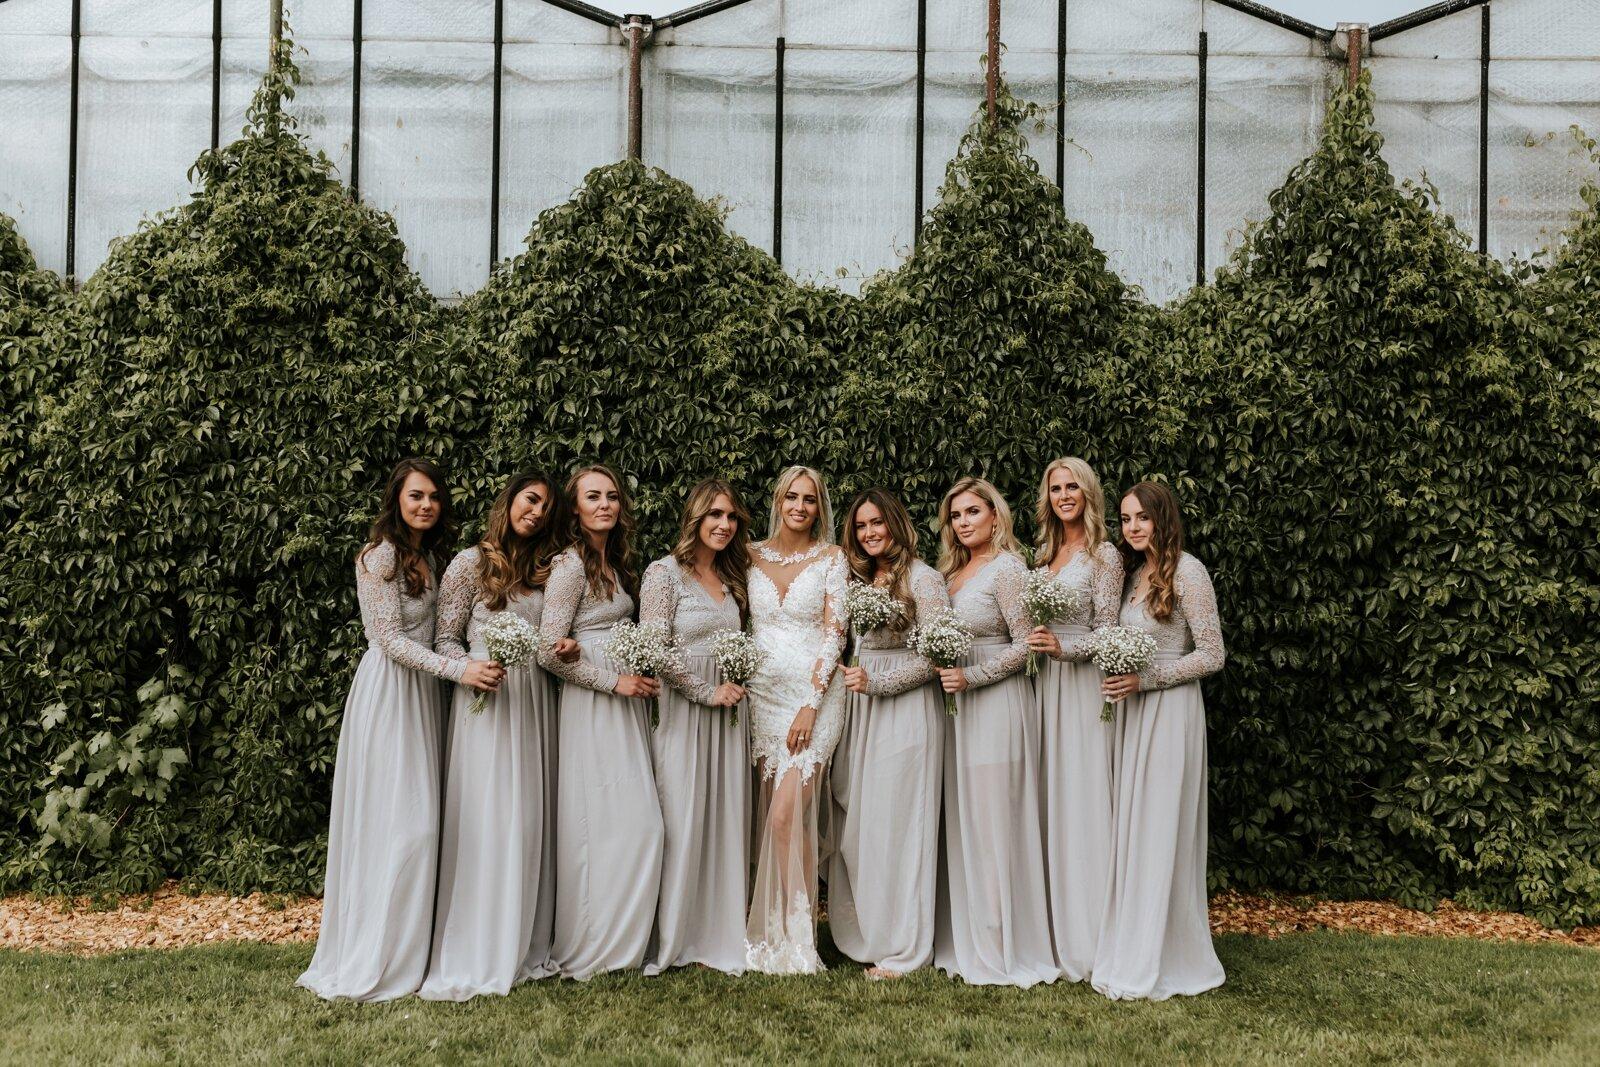 bruidsmeisjes_0067-2.jpg